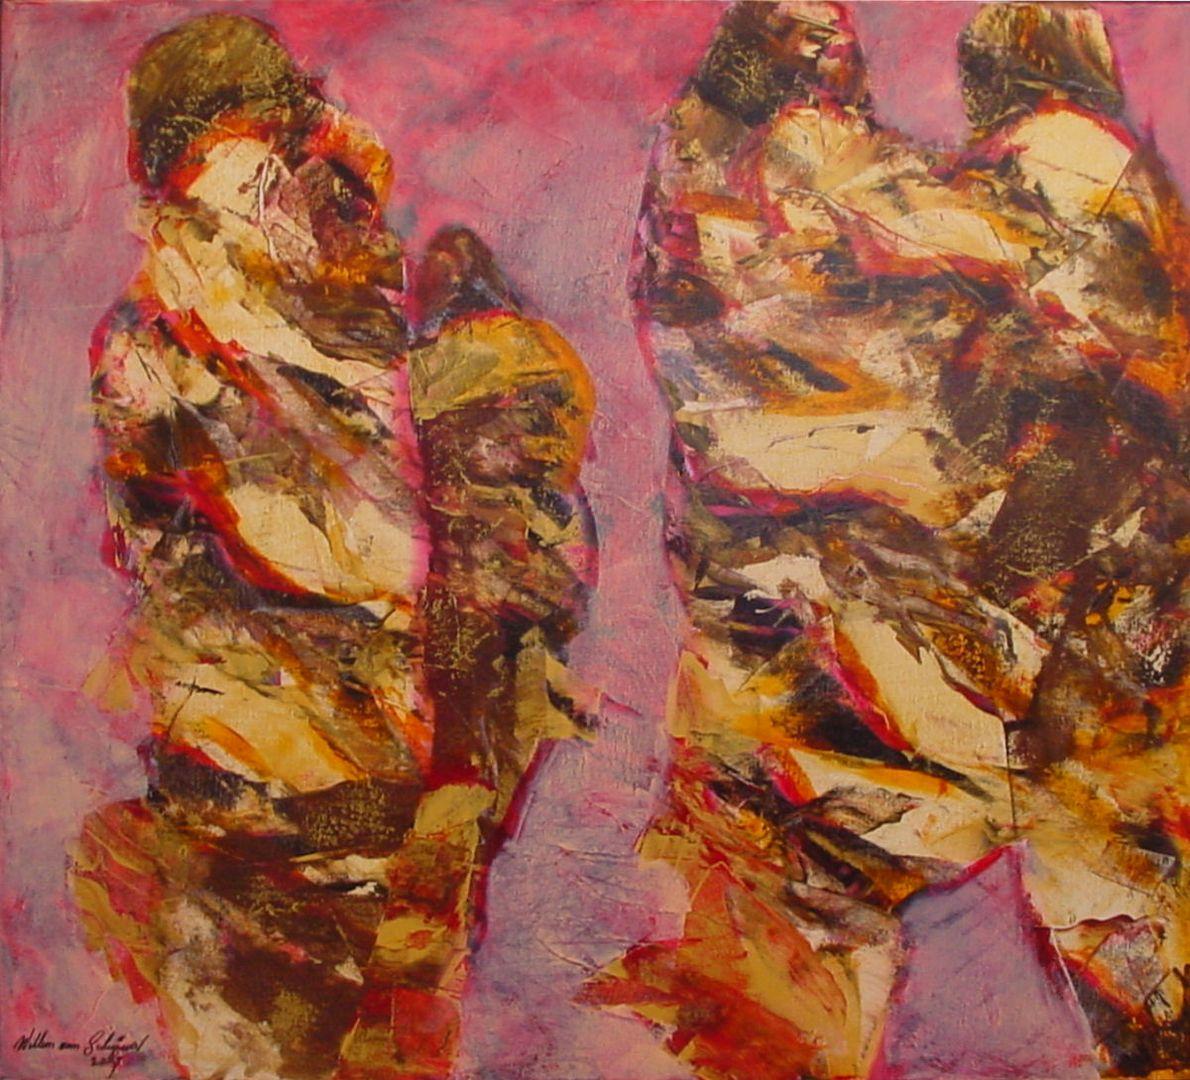 Willem-van-Scheijndel-Roze-licht-Galerie-Beeldkracht